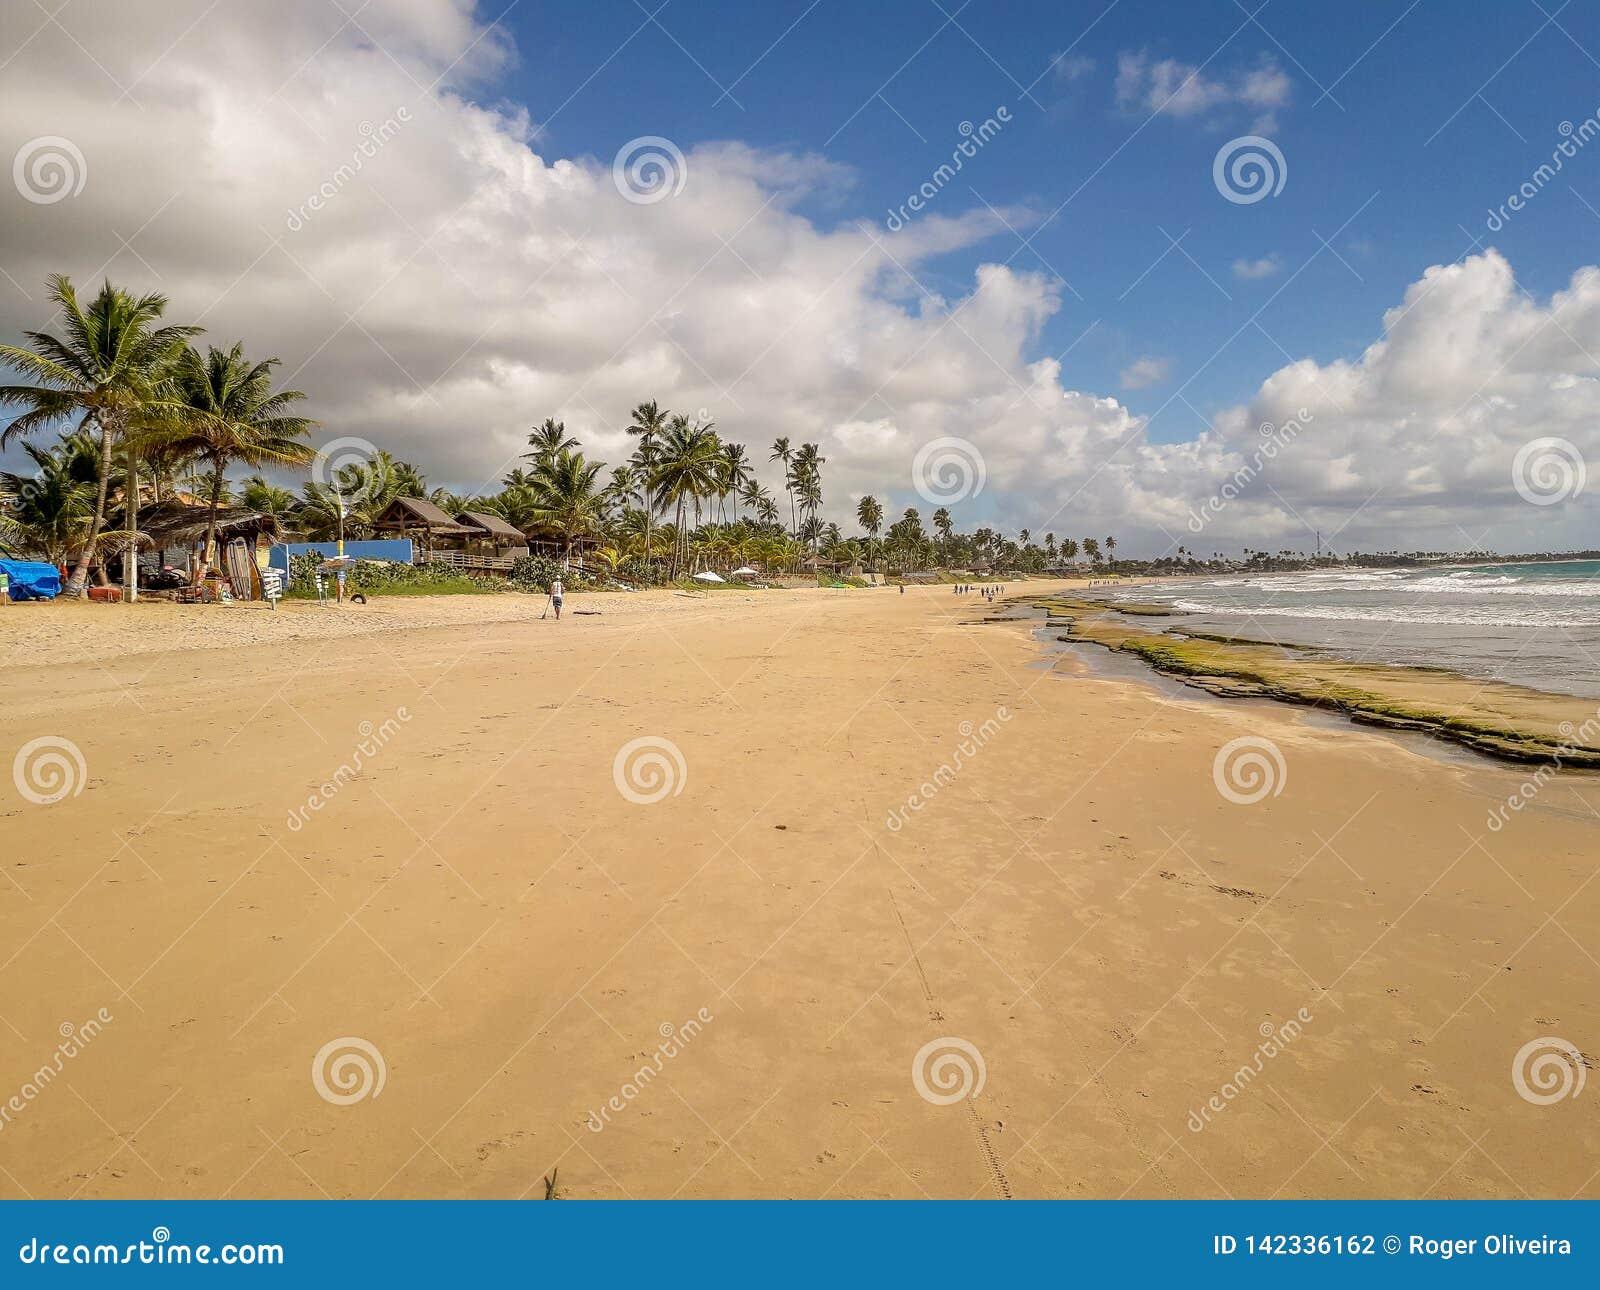 Esponga al sole sopra la spiaggia tropicale con il cocco a Oporto de Galinhas, Brasile Siluette delle palme e del cielo nuvoloso